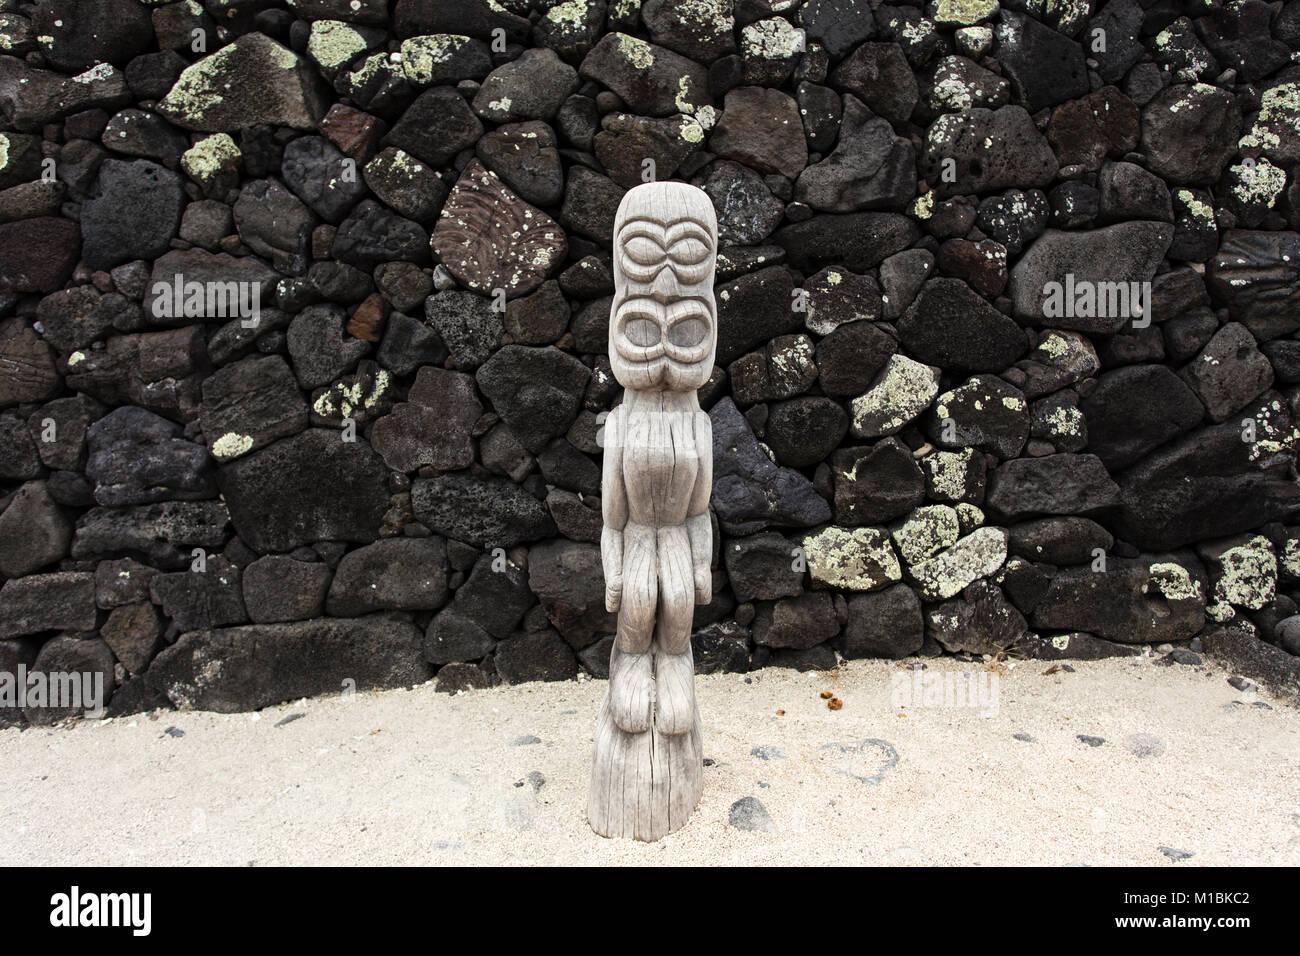 Tiki of Puuhonua o honaunau, (Place of Refuge), Big Island, Hawaii - Stock Image